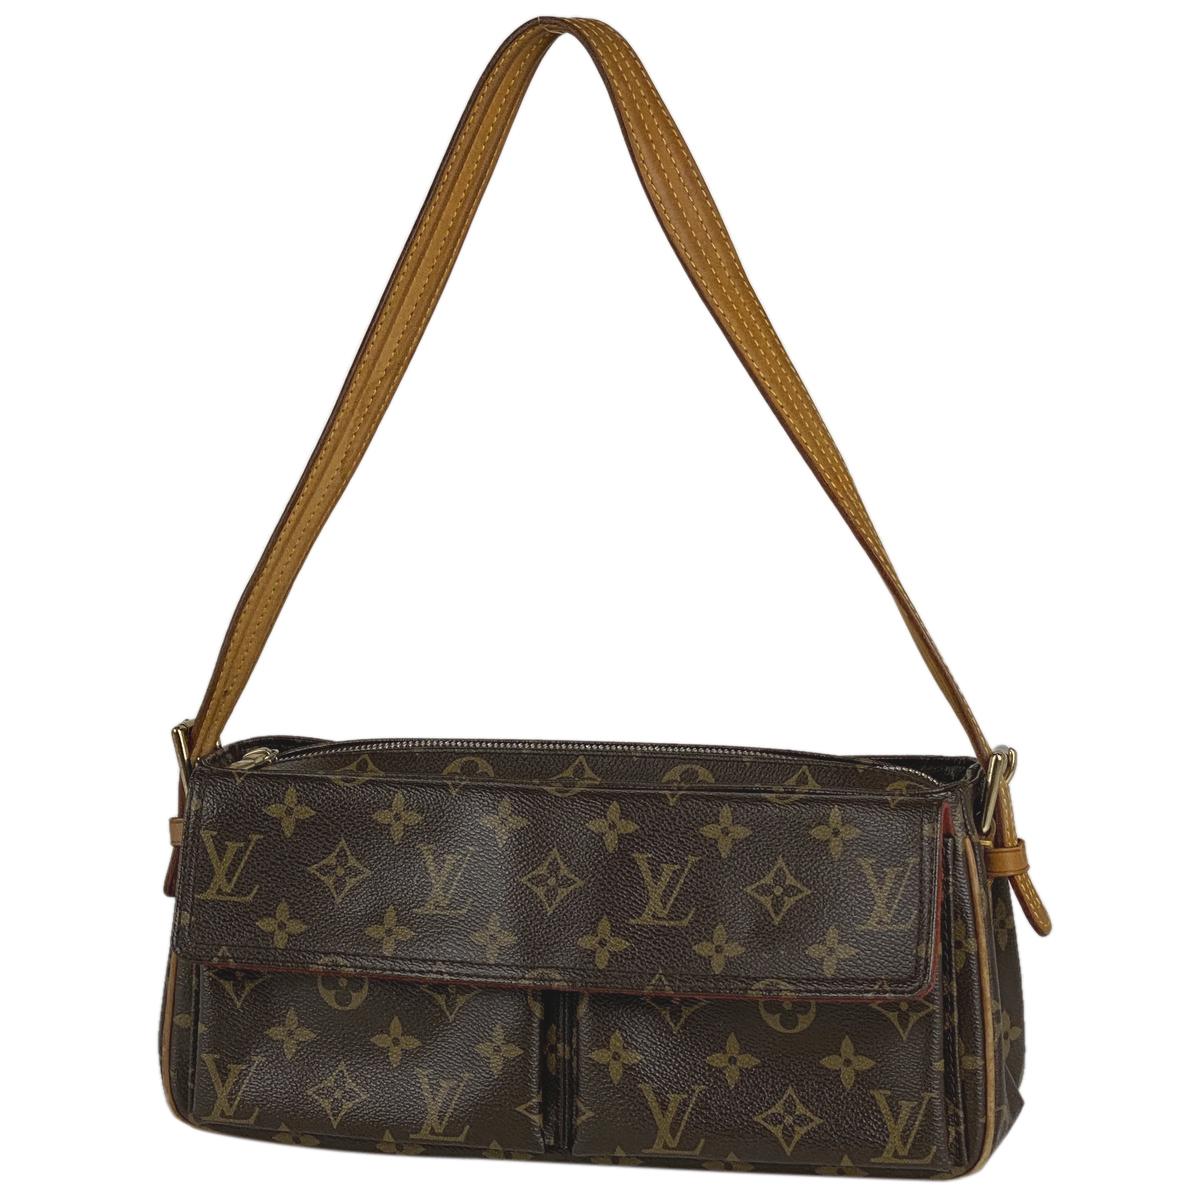 新しいコレクション ルイ・ヴィトン Louis Vuitton ヴィバ モノグラム MM シテ MM ワンショルダー ヴィバ 肩掛け ショルダーバッグ モノグラム ブラウン M51164 レディース【】, 靴通販のシューズショップASBee:a7c89e42 --- santrasozluk.com